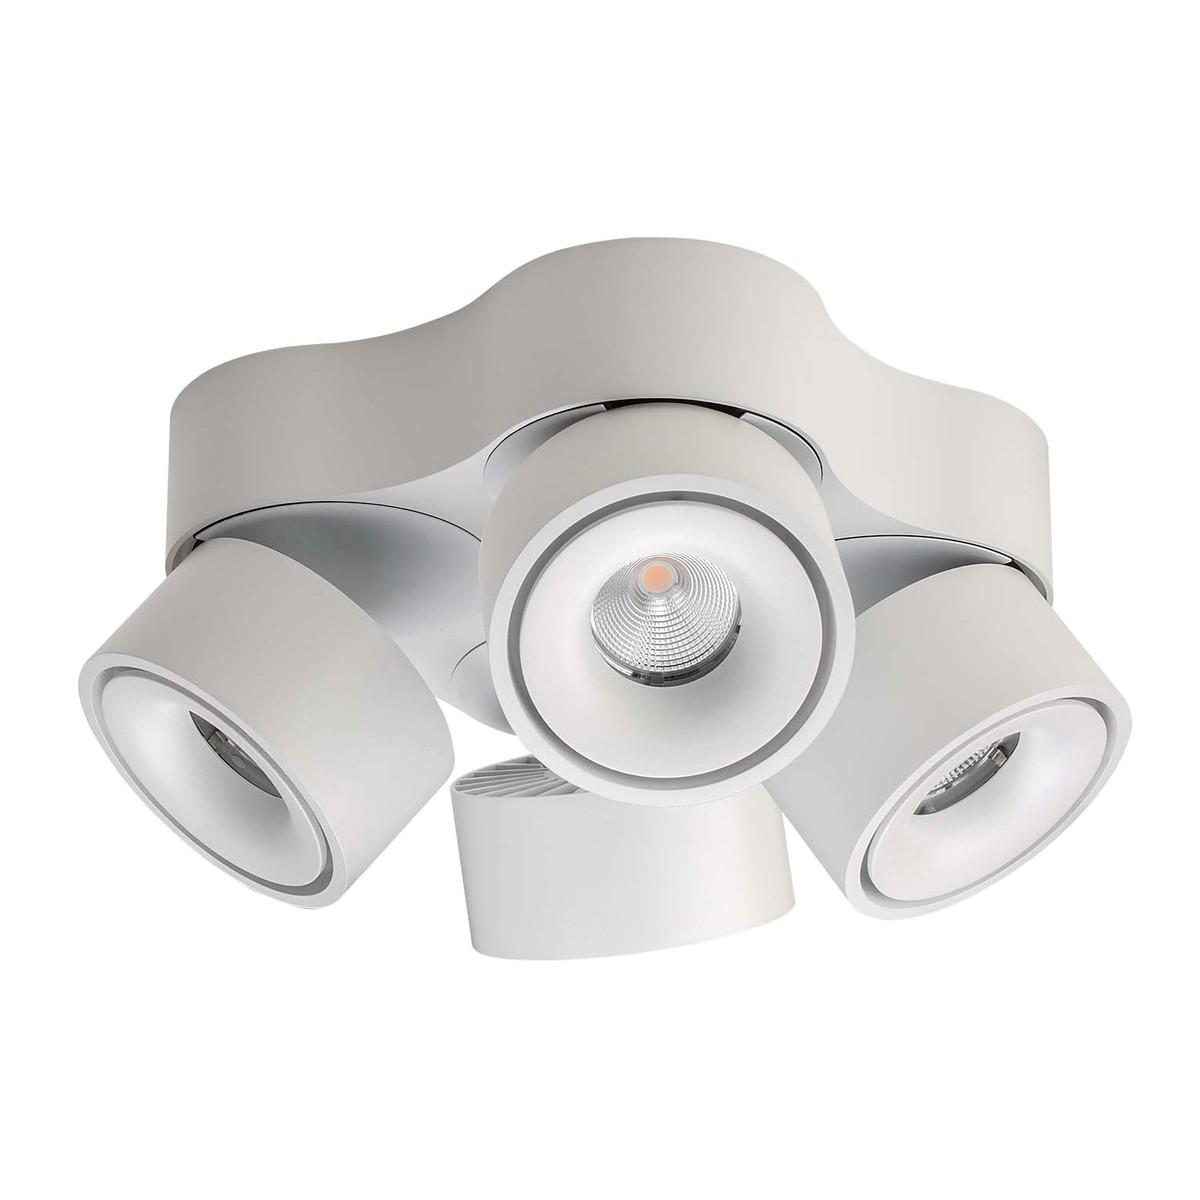 Lumexx Easy Quattro LED Deckenleuchte, weiß/schwarz